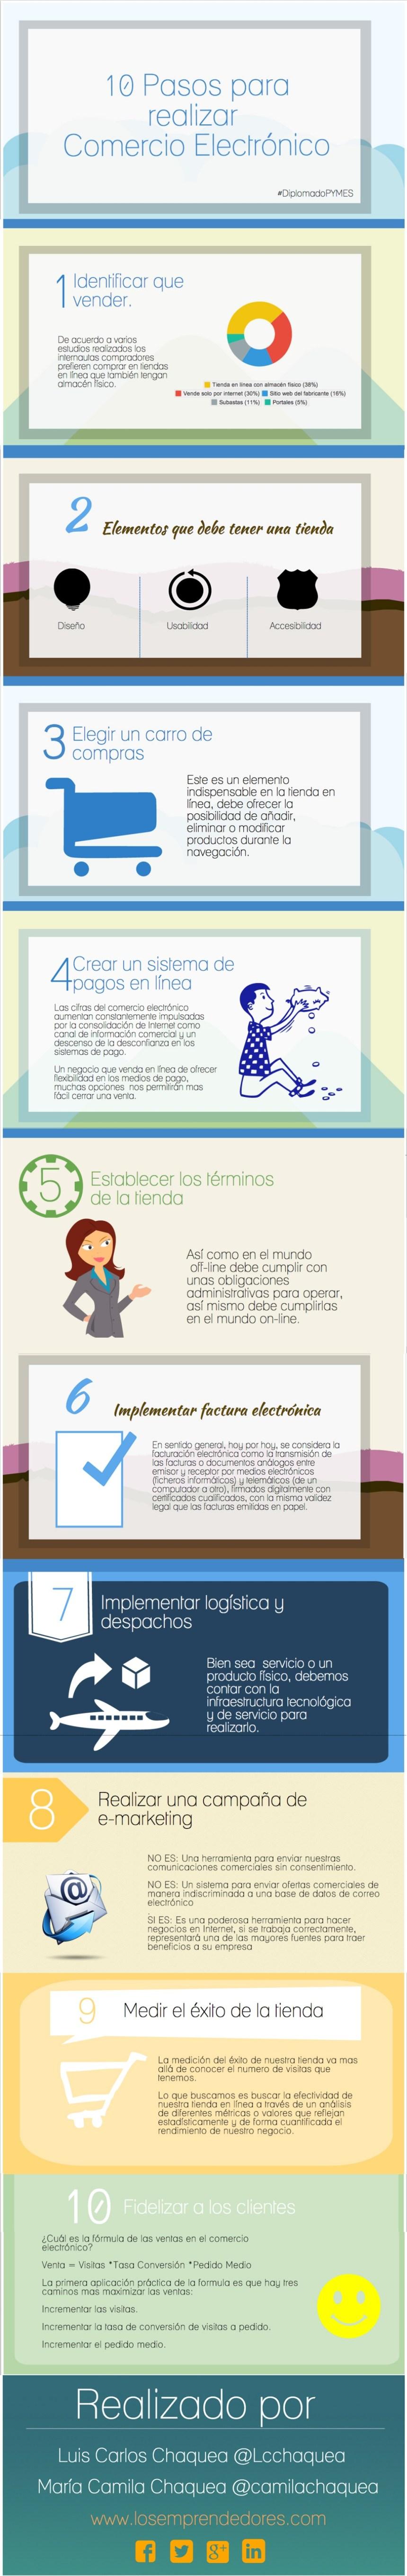 10 pasos para hacer Comercio Electrónico